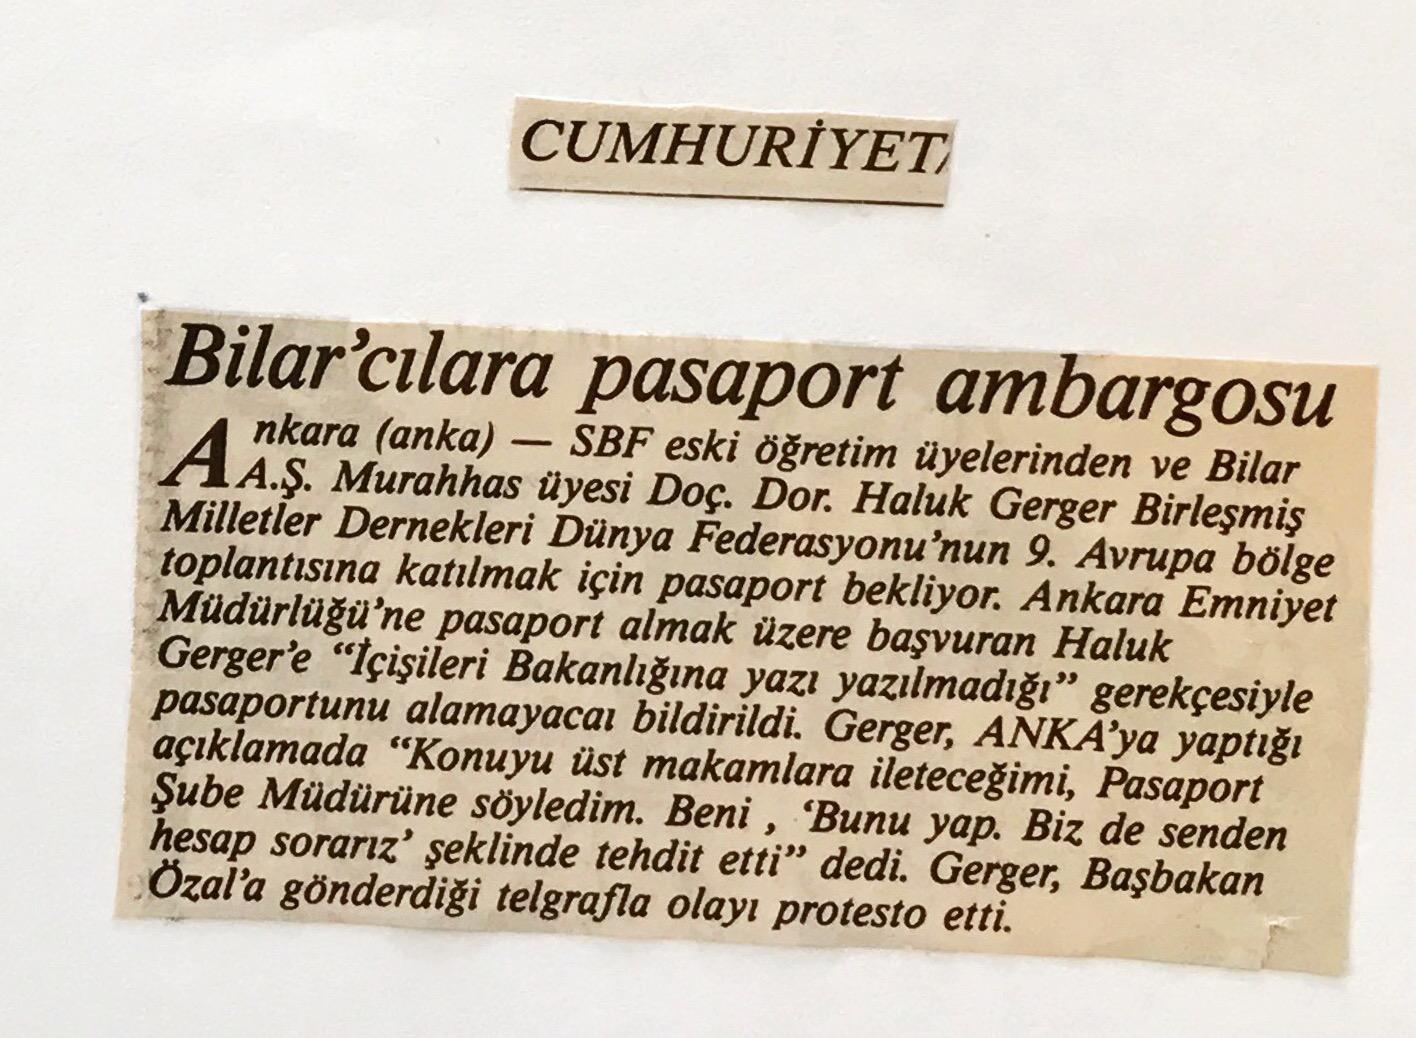 1986_cumhuriyet_bilarcilara-pasaport-ambargosu.JPG